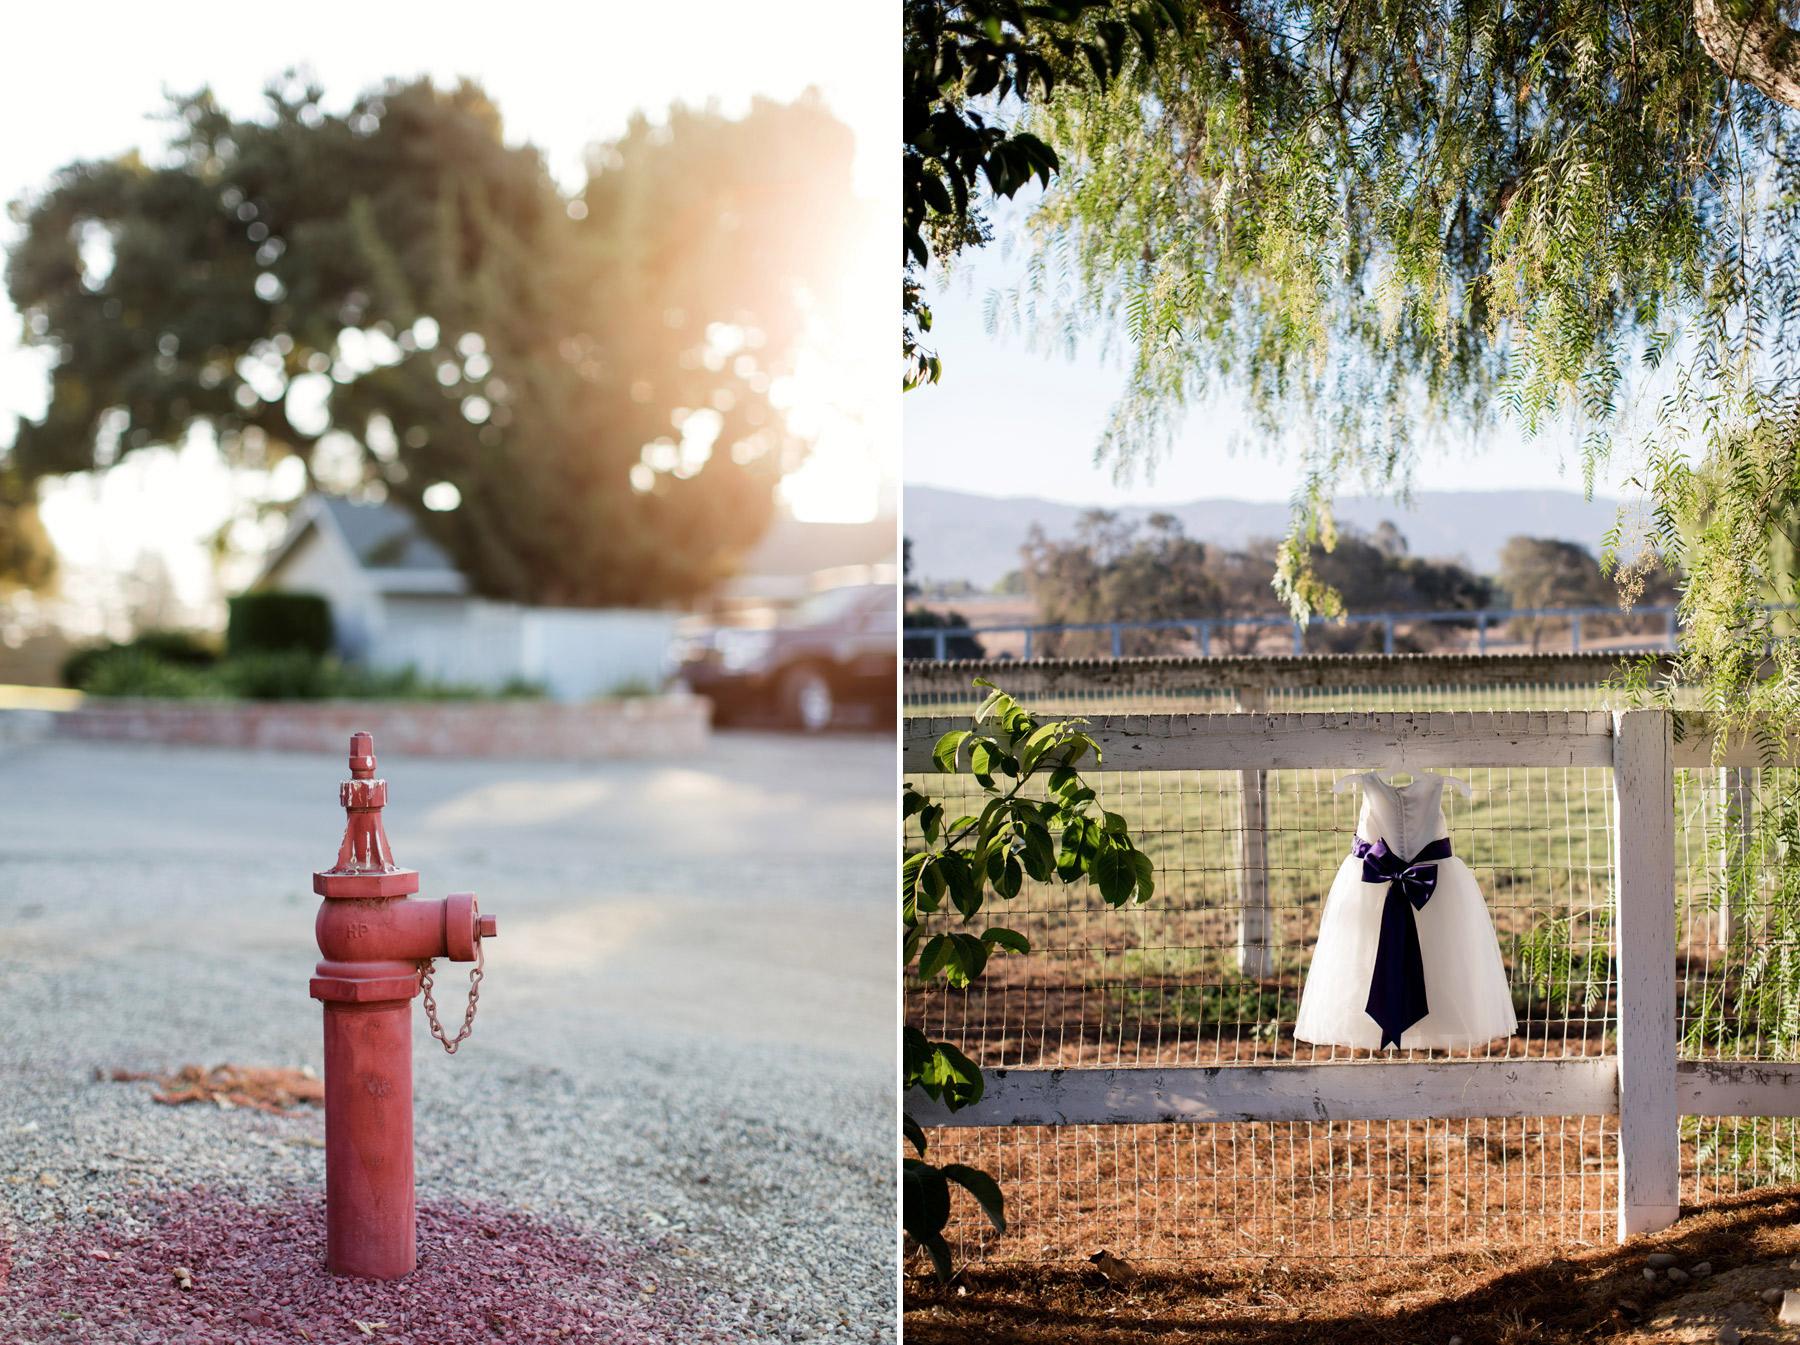 brudnabbsklanning brollop pa roblar winery kalifornien